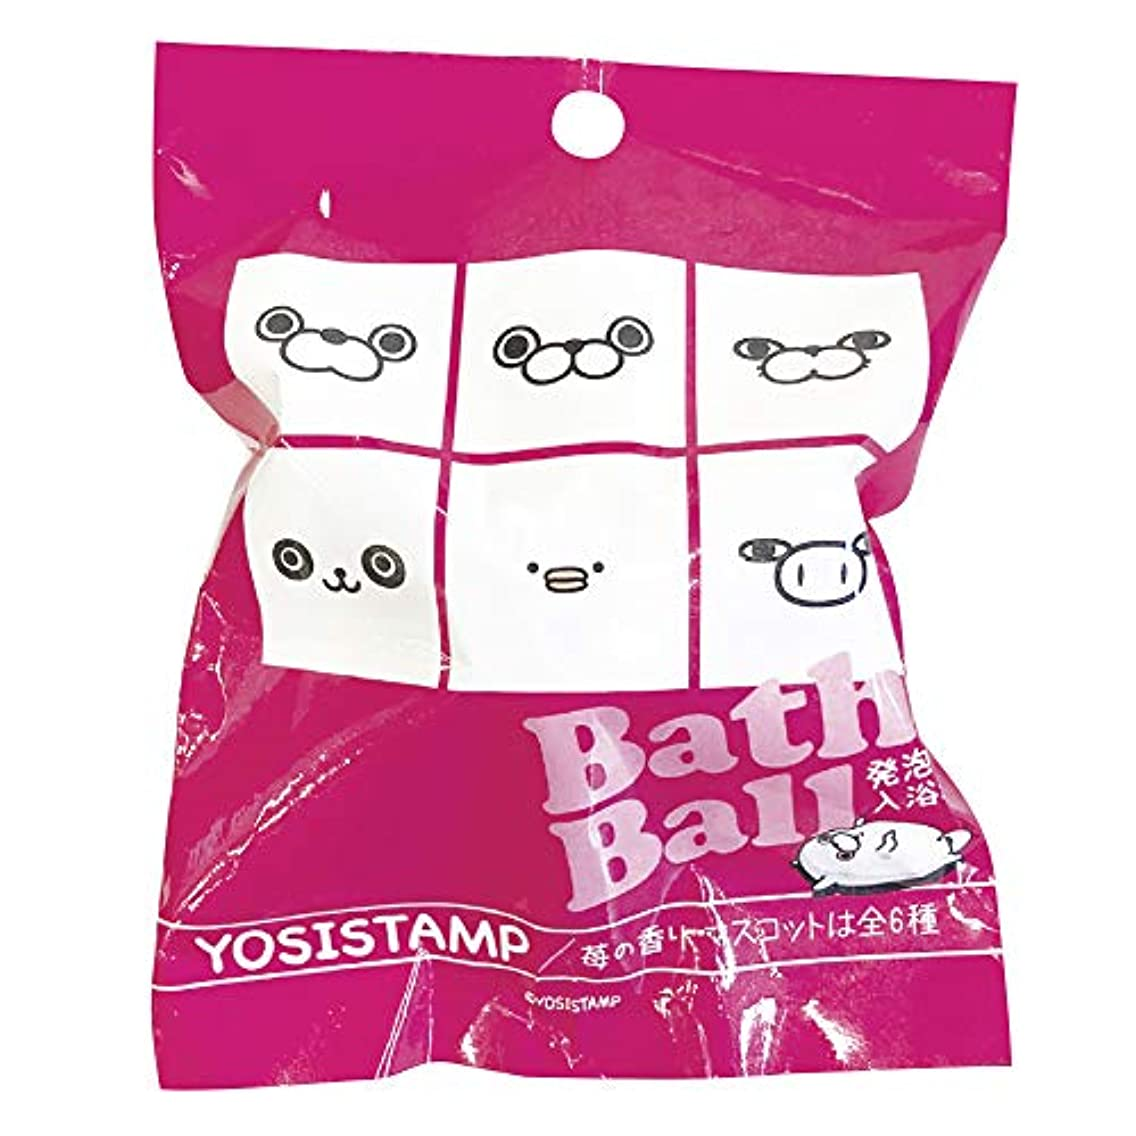 敬意を表してコンチネンタル聴覚障害者ヨッシースタンプ 入浴剤 バスボール おまけ付き イチゴの香り ABD-004-002